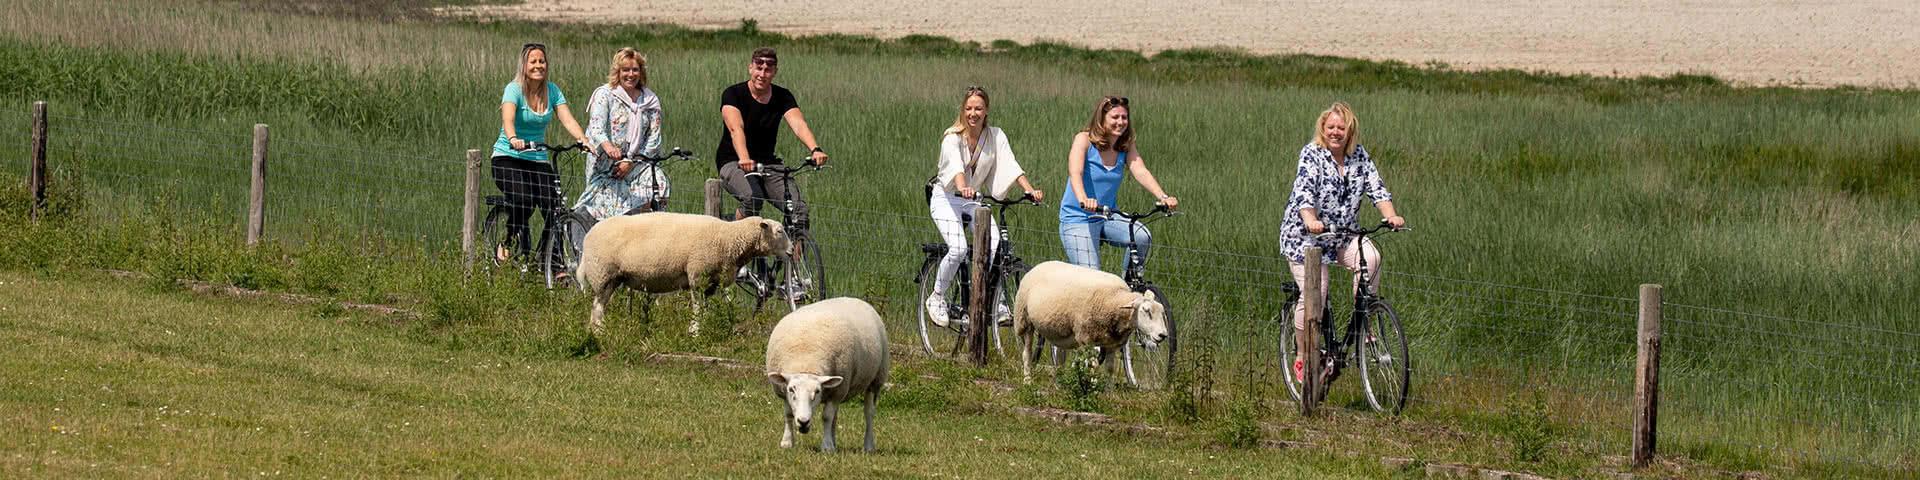 Eine Gruppe macht eine Radtour entlang am Deich und fährt dabei an drei Schafen vorbei